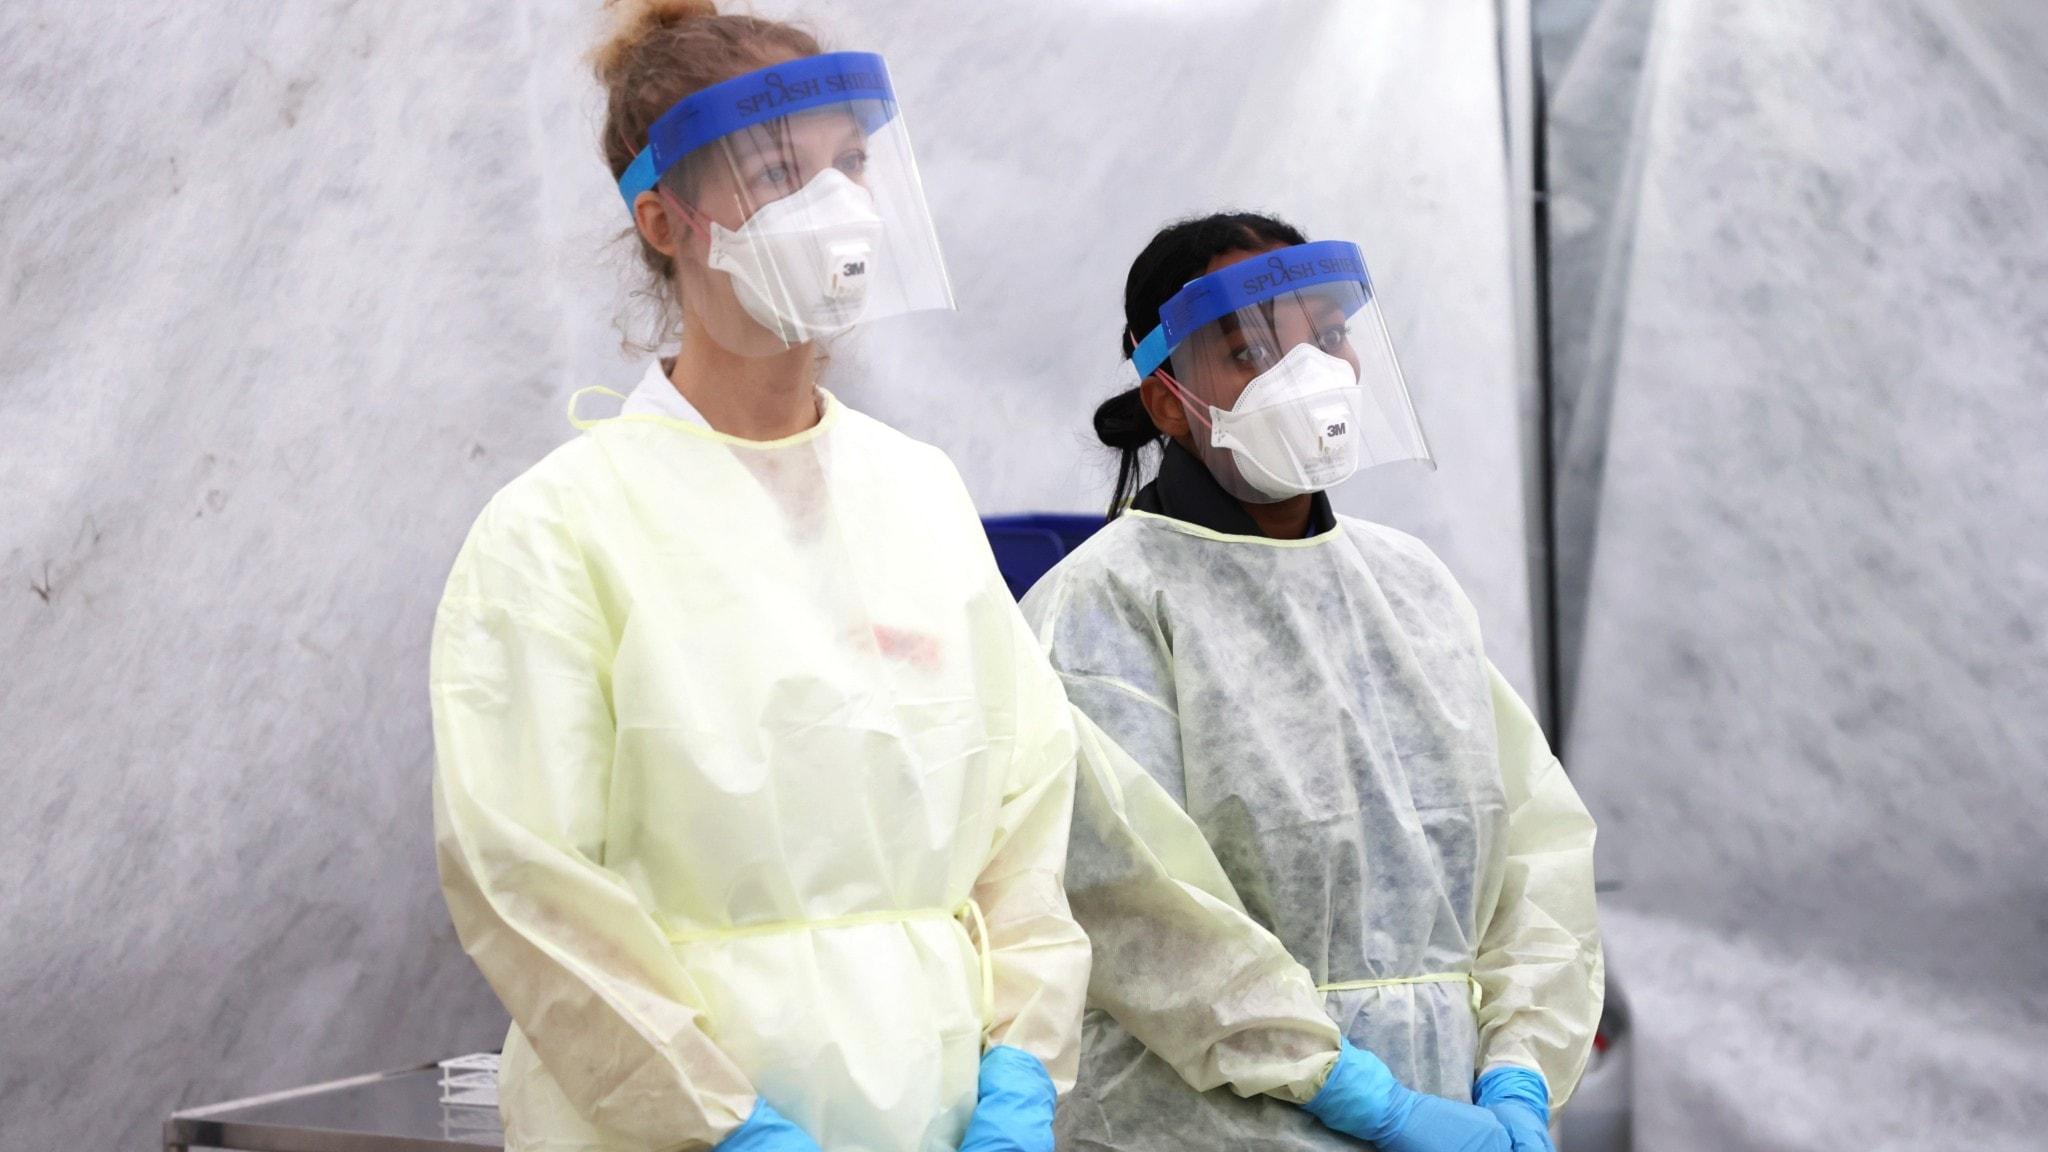 Två personer i skyddsdräkter och munskydd